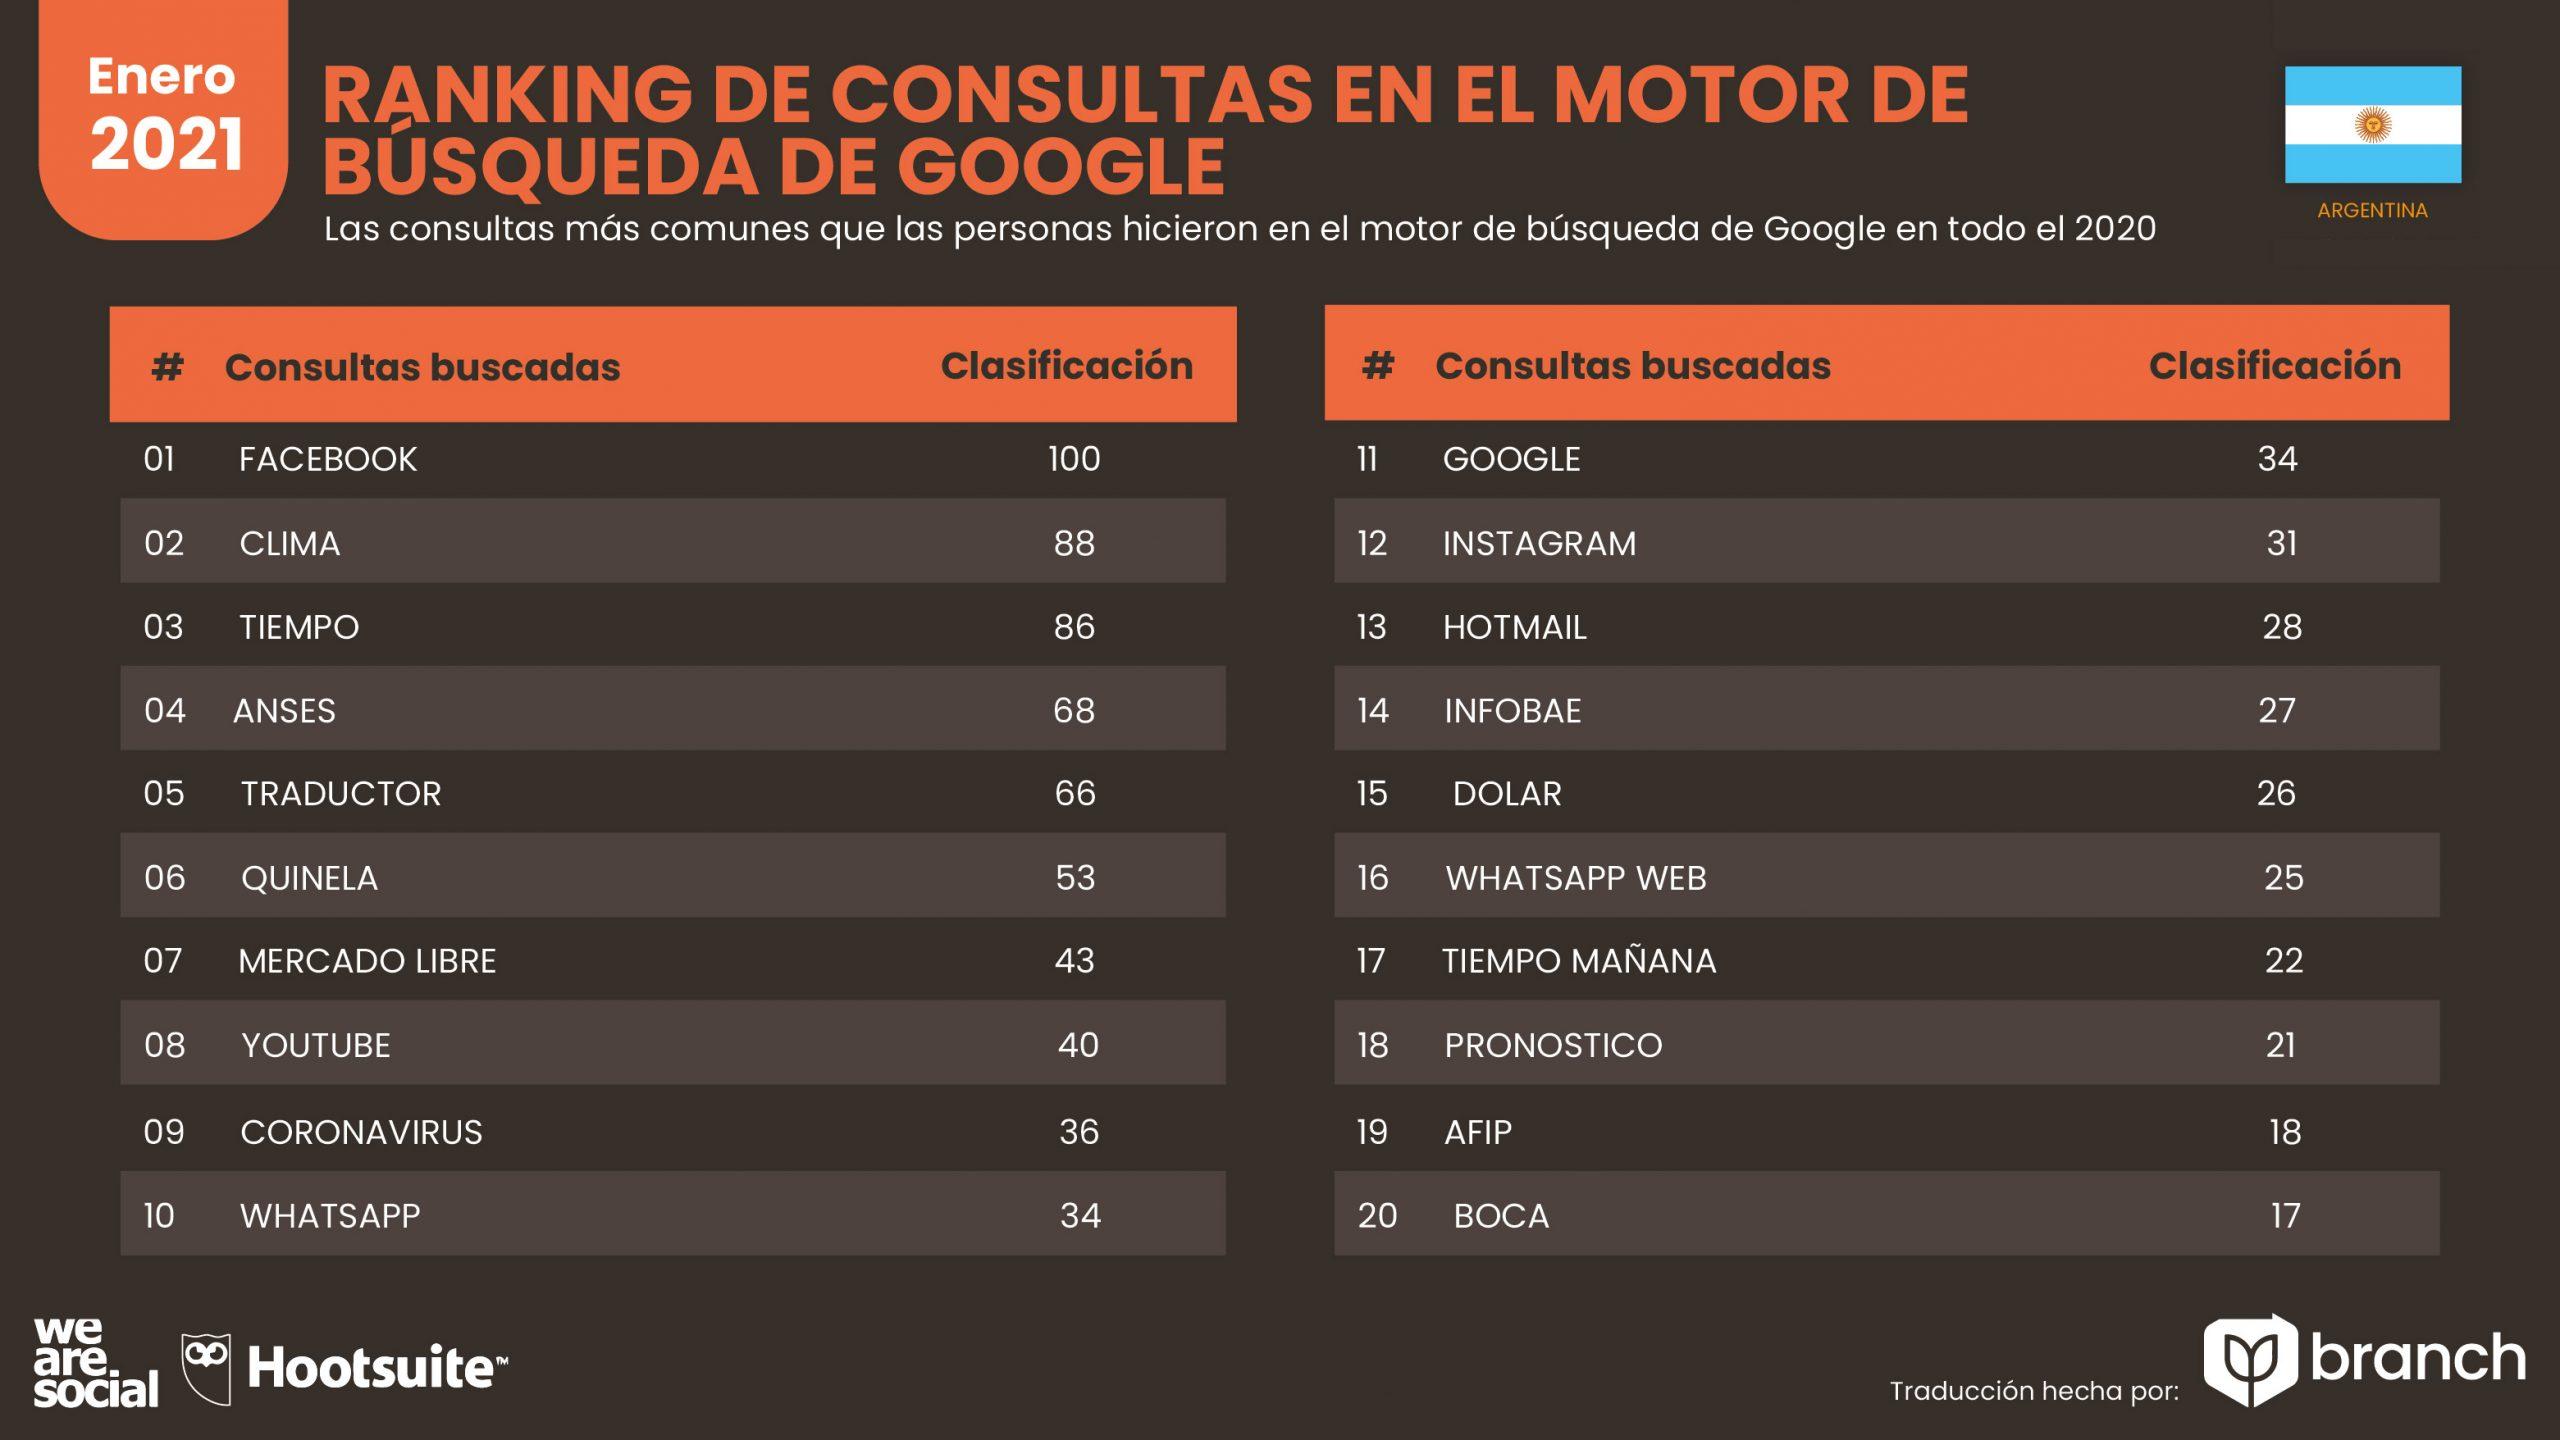 grafico-palabras-mas-buscadas-en-google-argentina-2020-2021